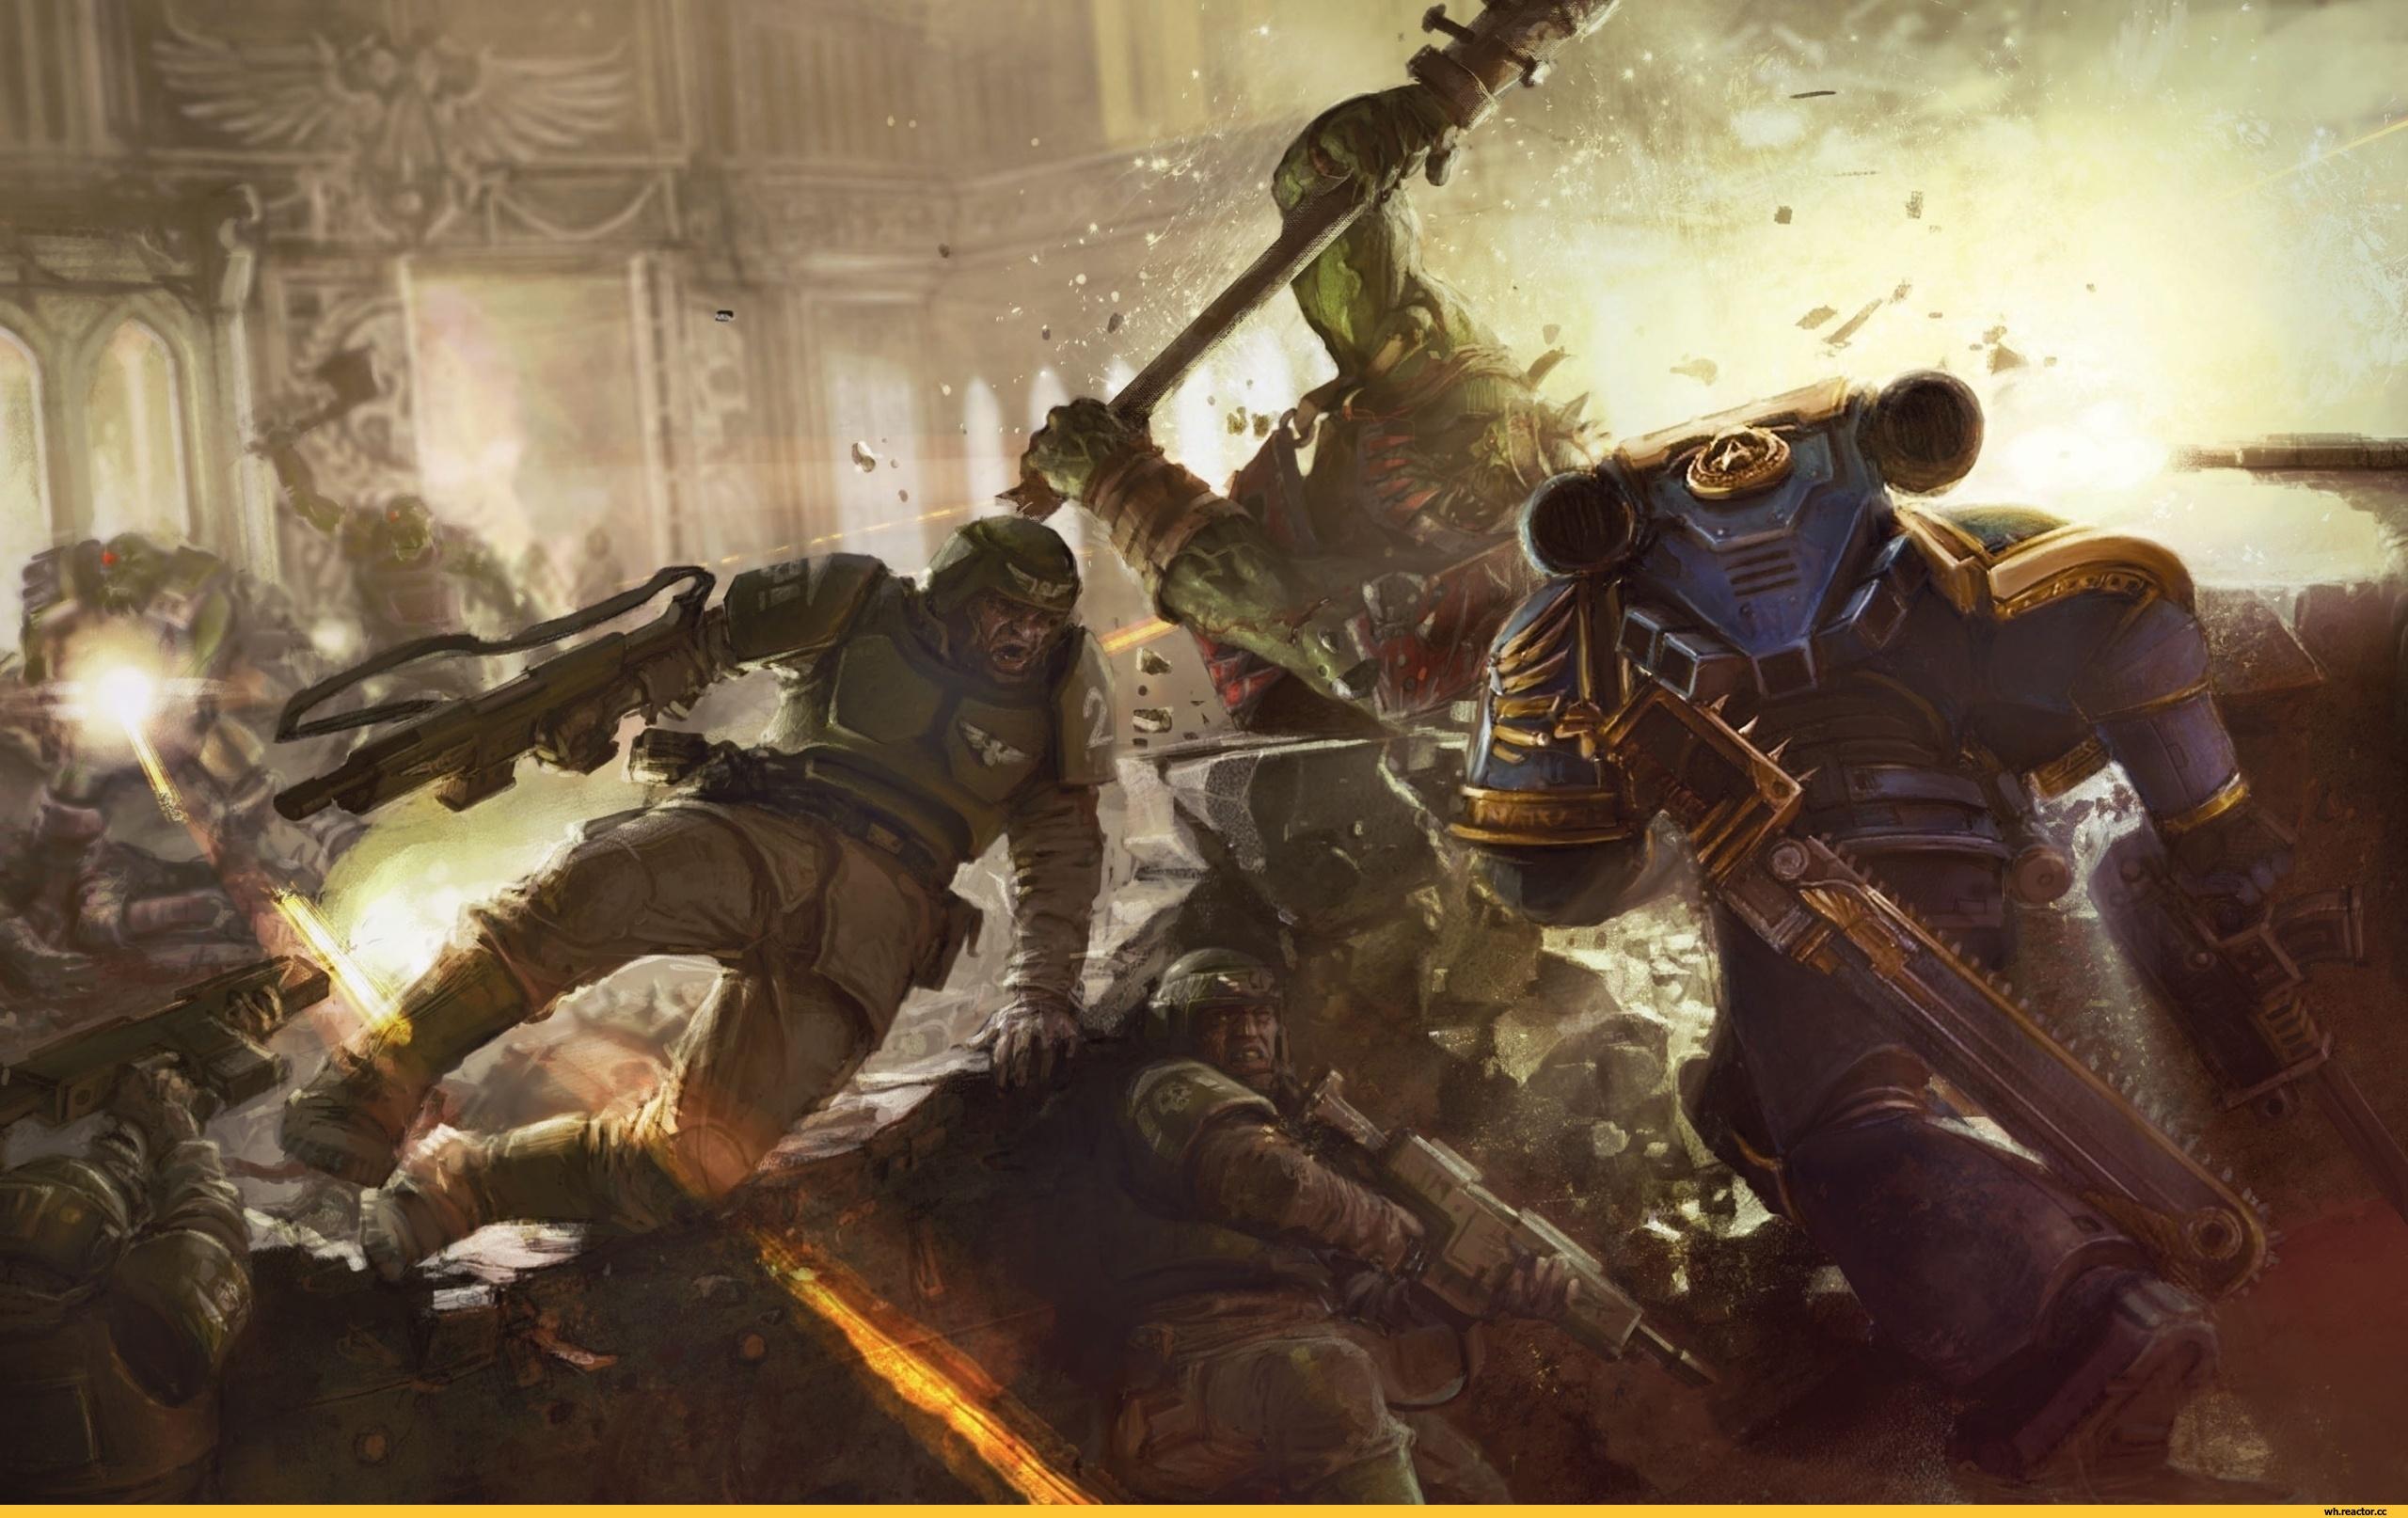 Warhammer 40k как лоскутное одеяло из плагиата - Изображение 2